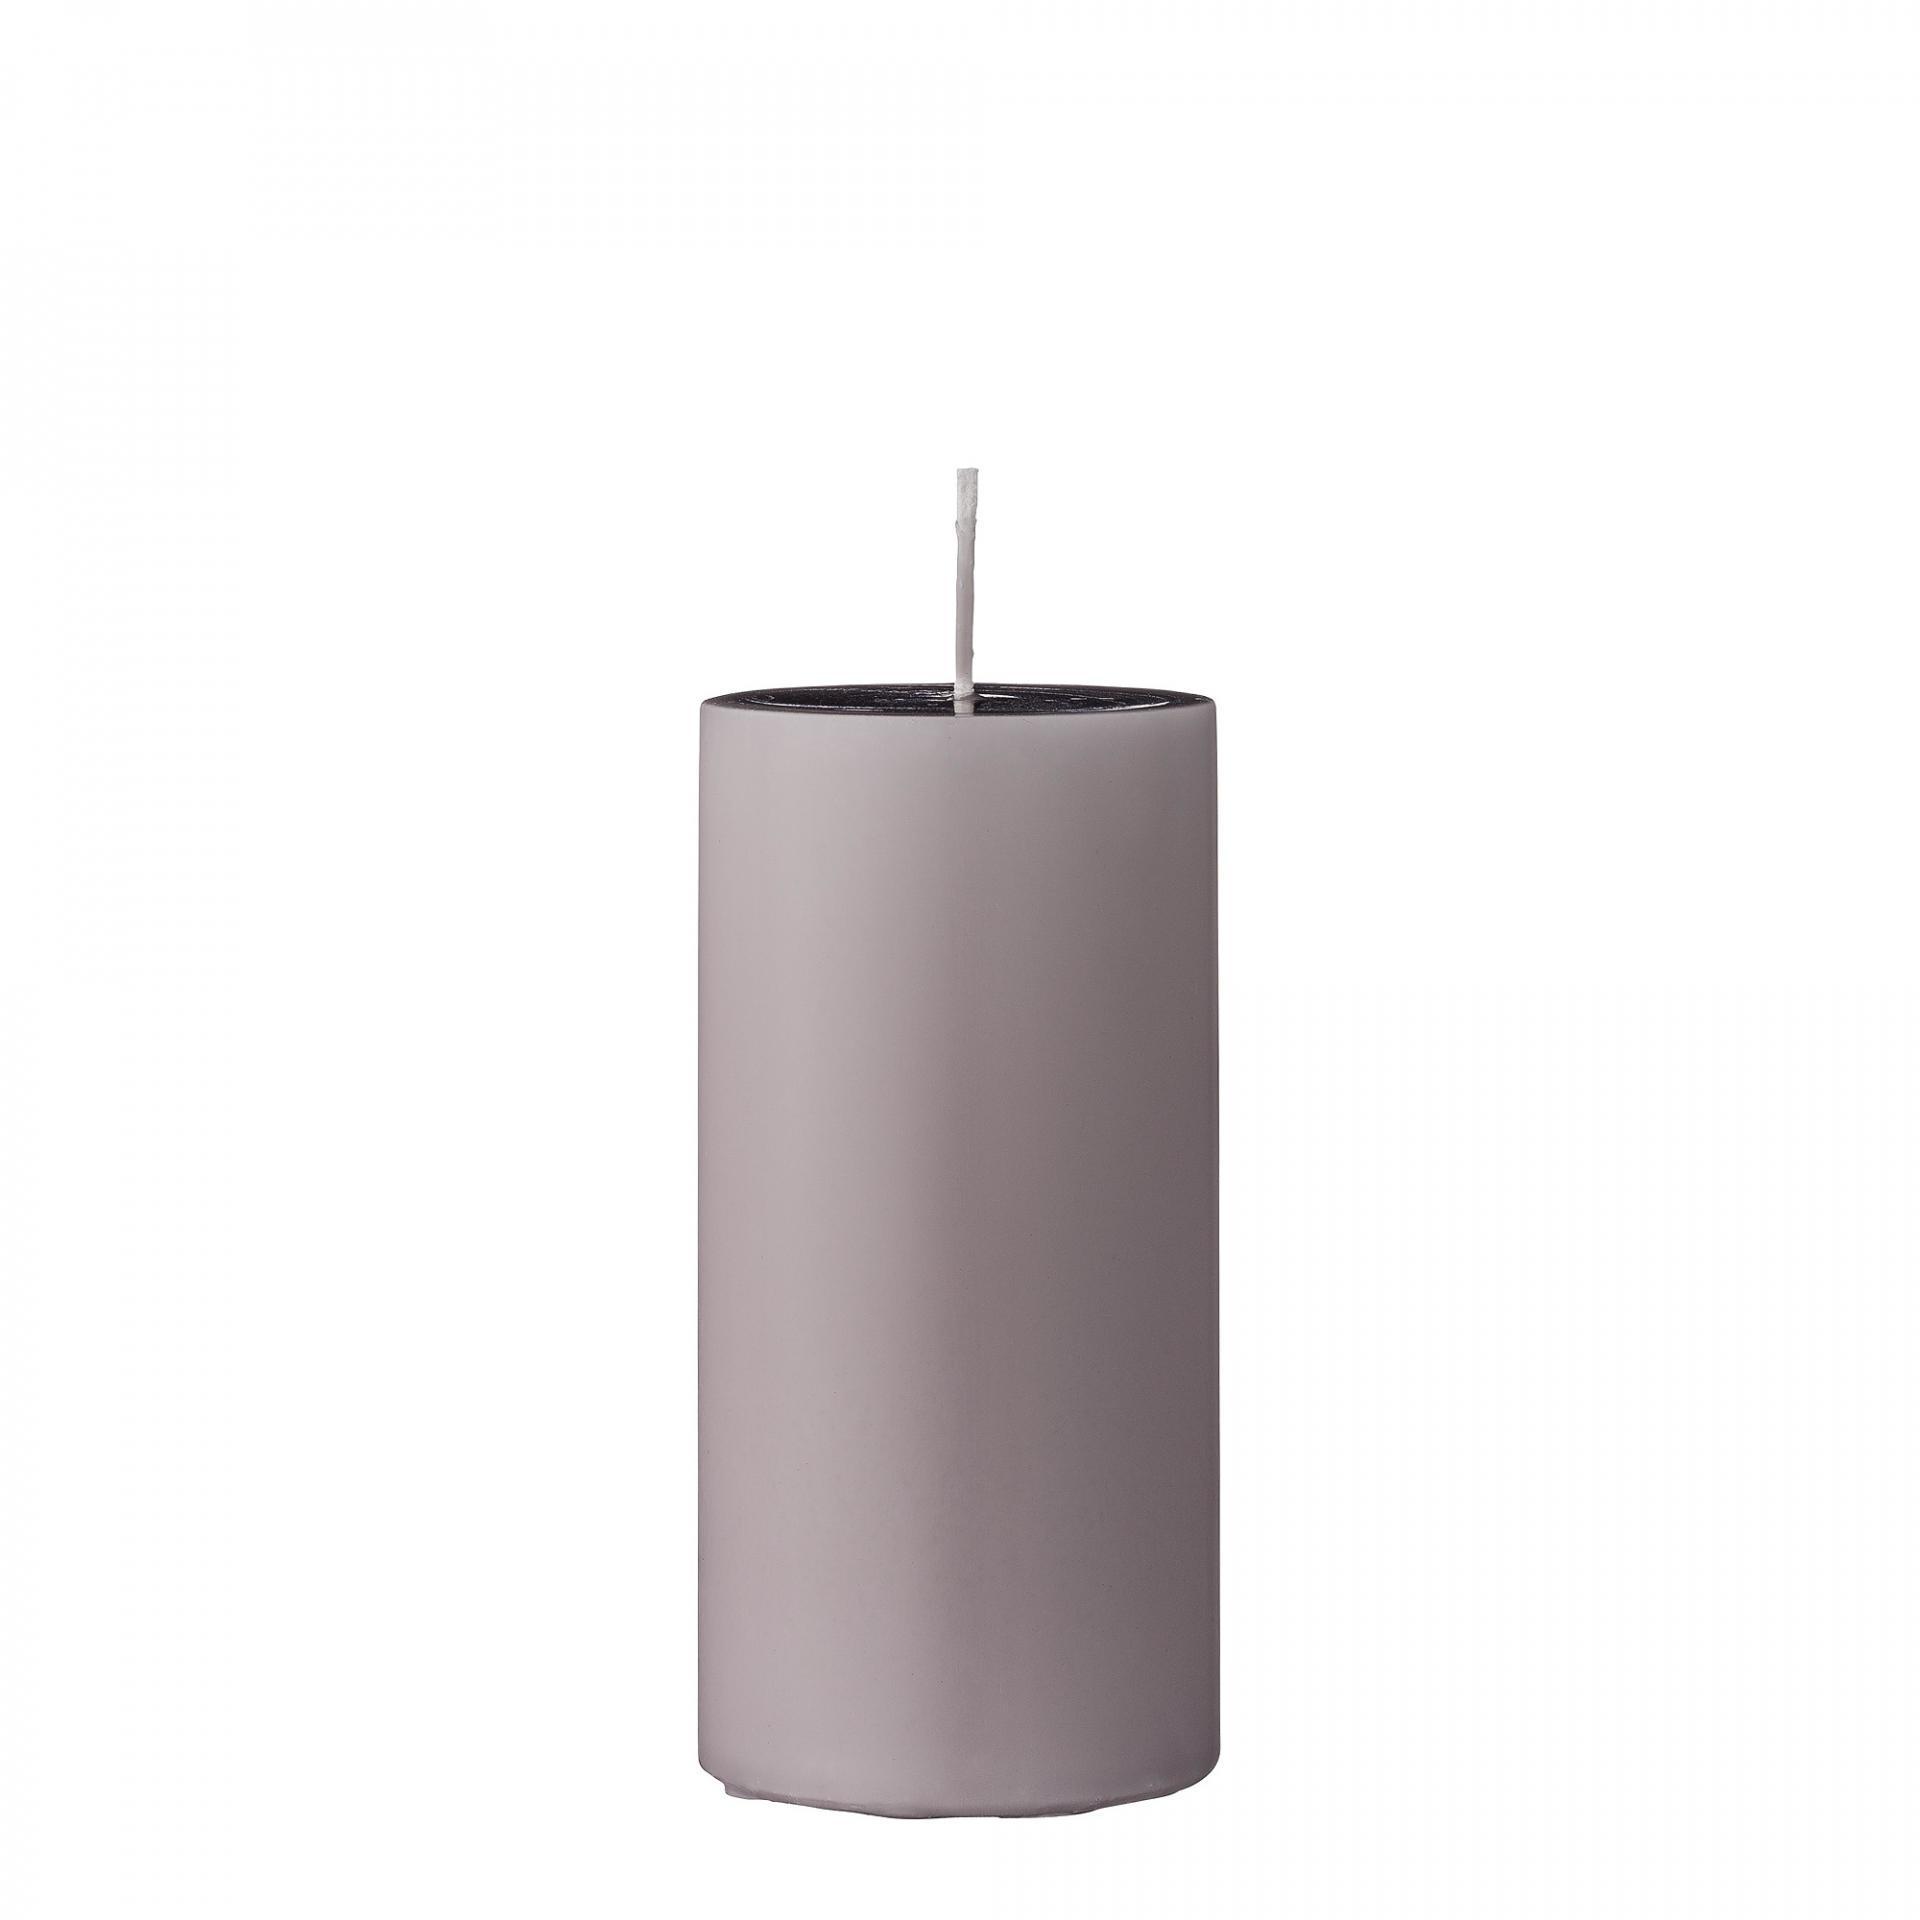 Bloomingville Svíčka Mauve 15 cm, fialová barva